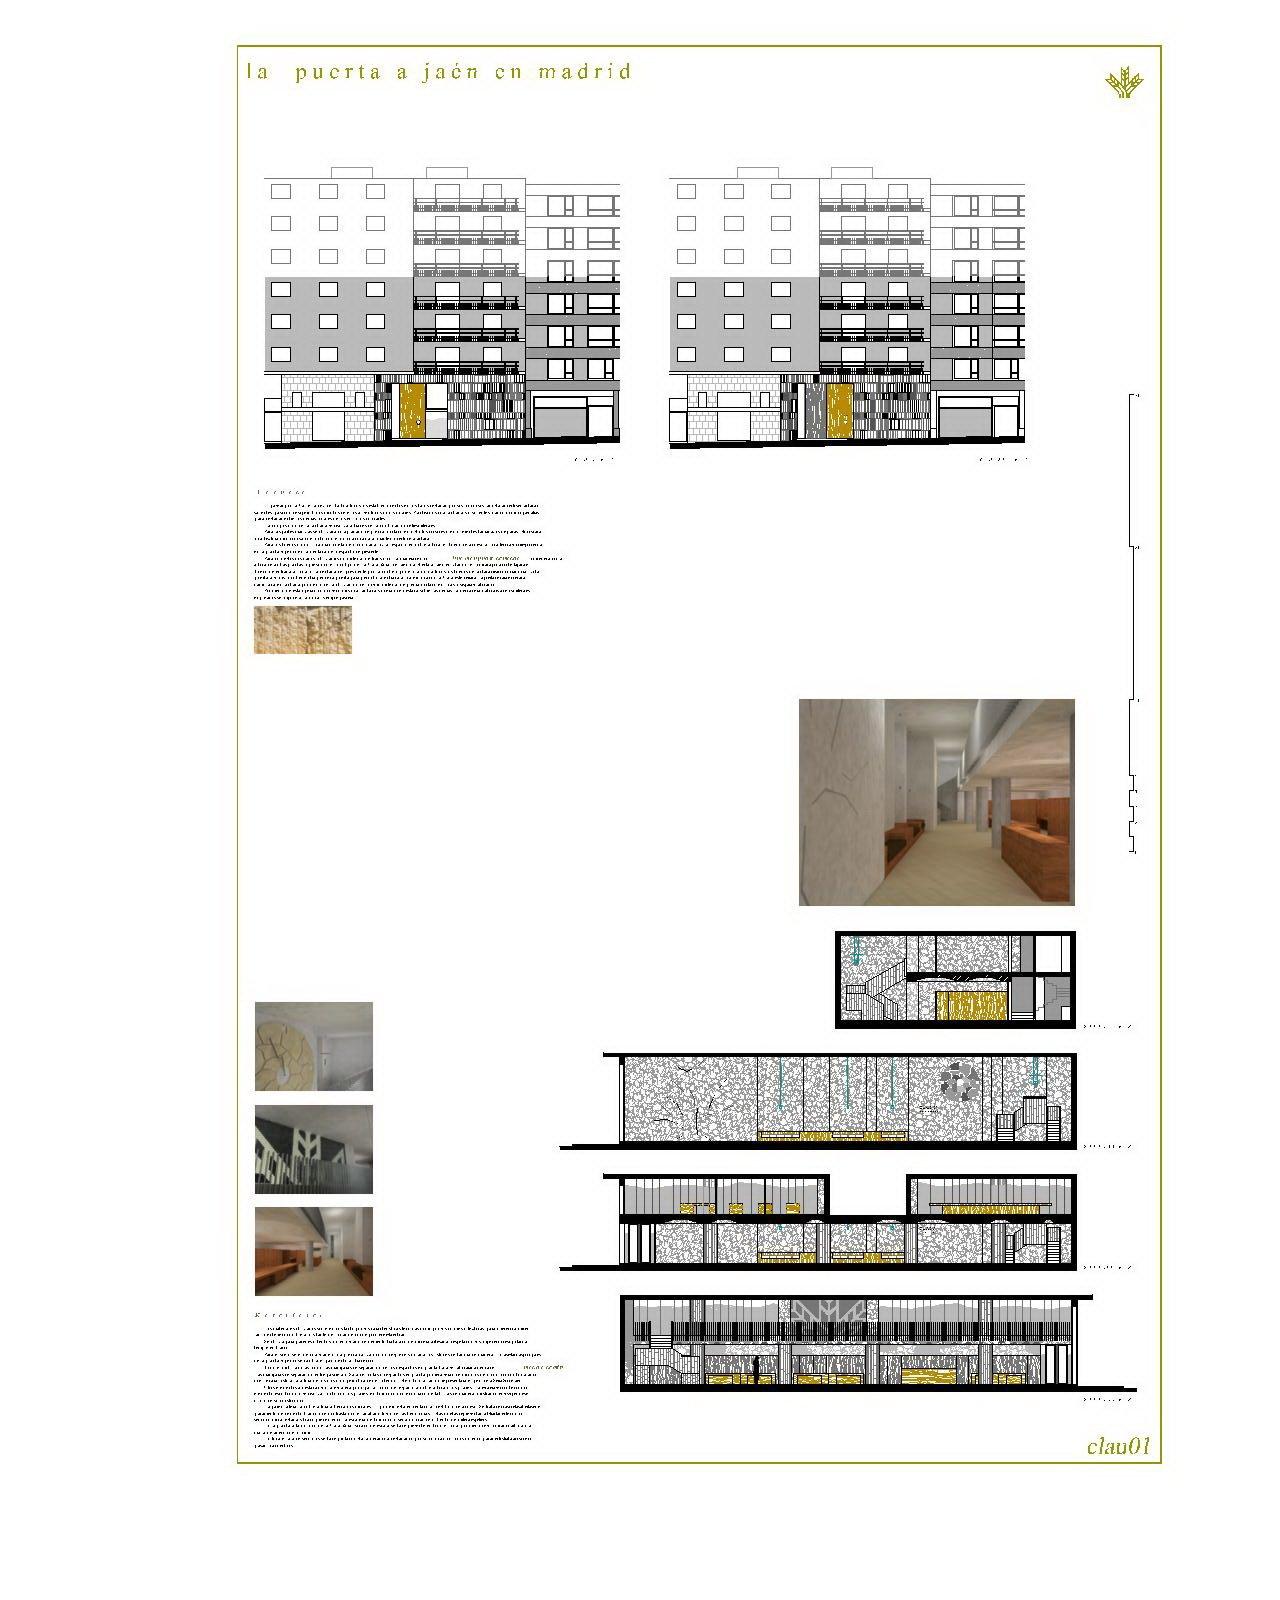 Caja de arquitectos madrid finest algunos de nuestros - Trabajo para arquitectos en espana ...